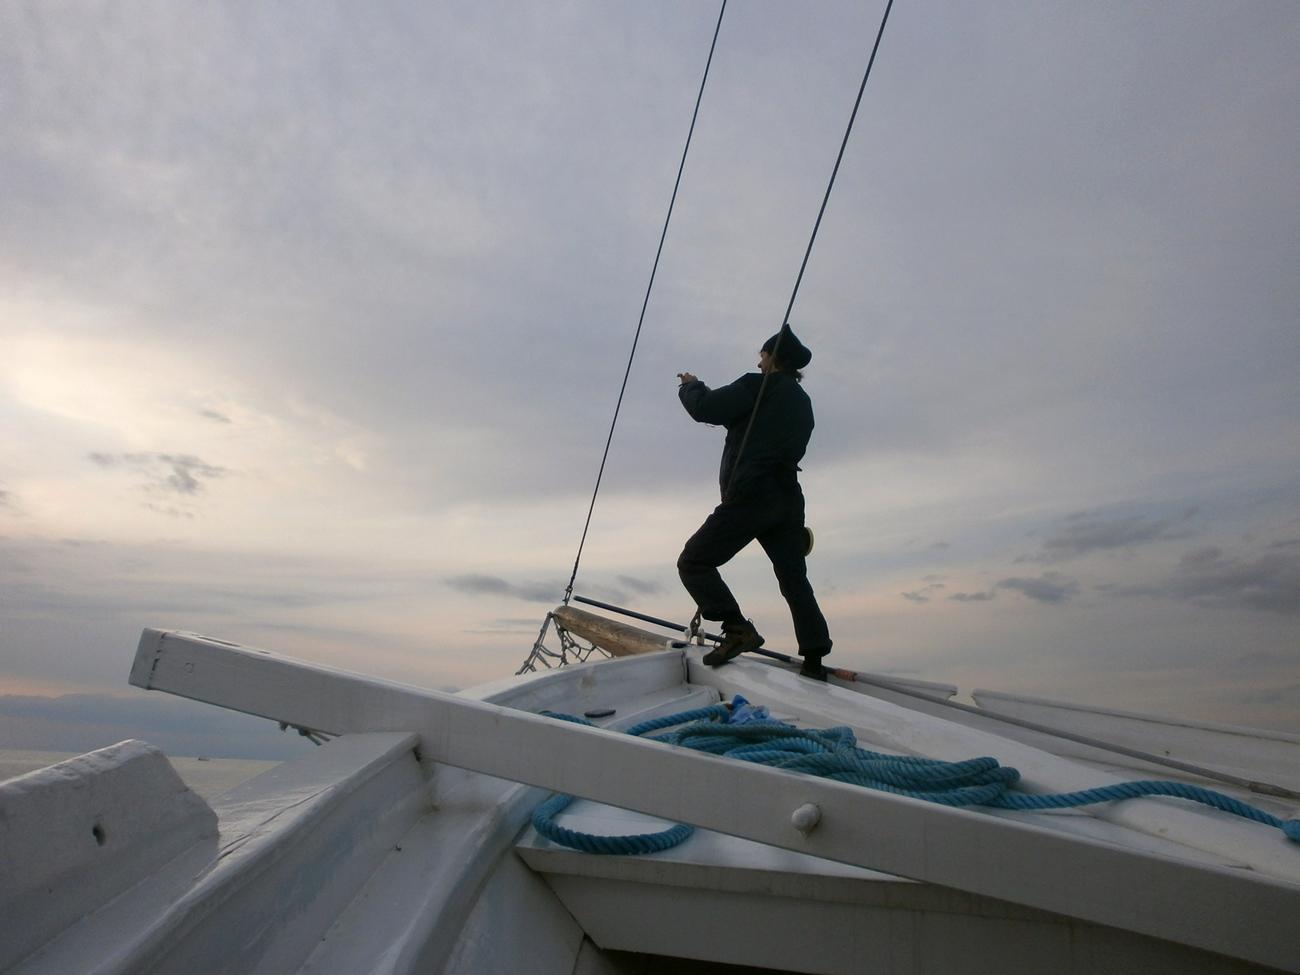 čovjek na čamcu